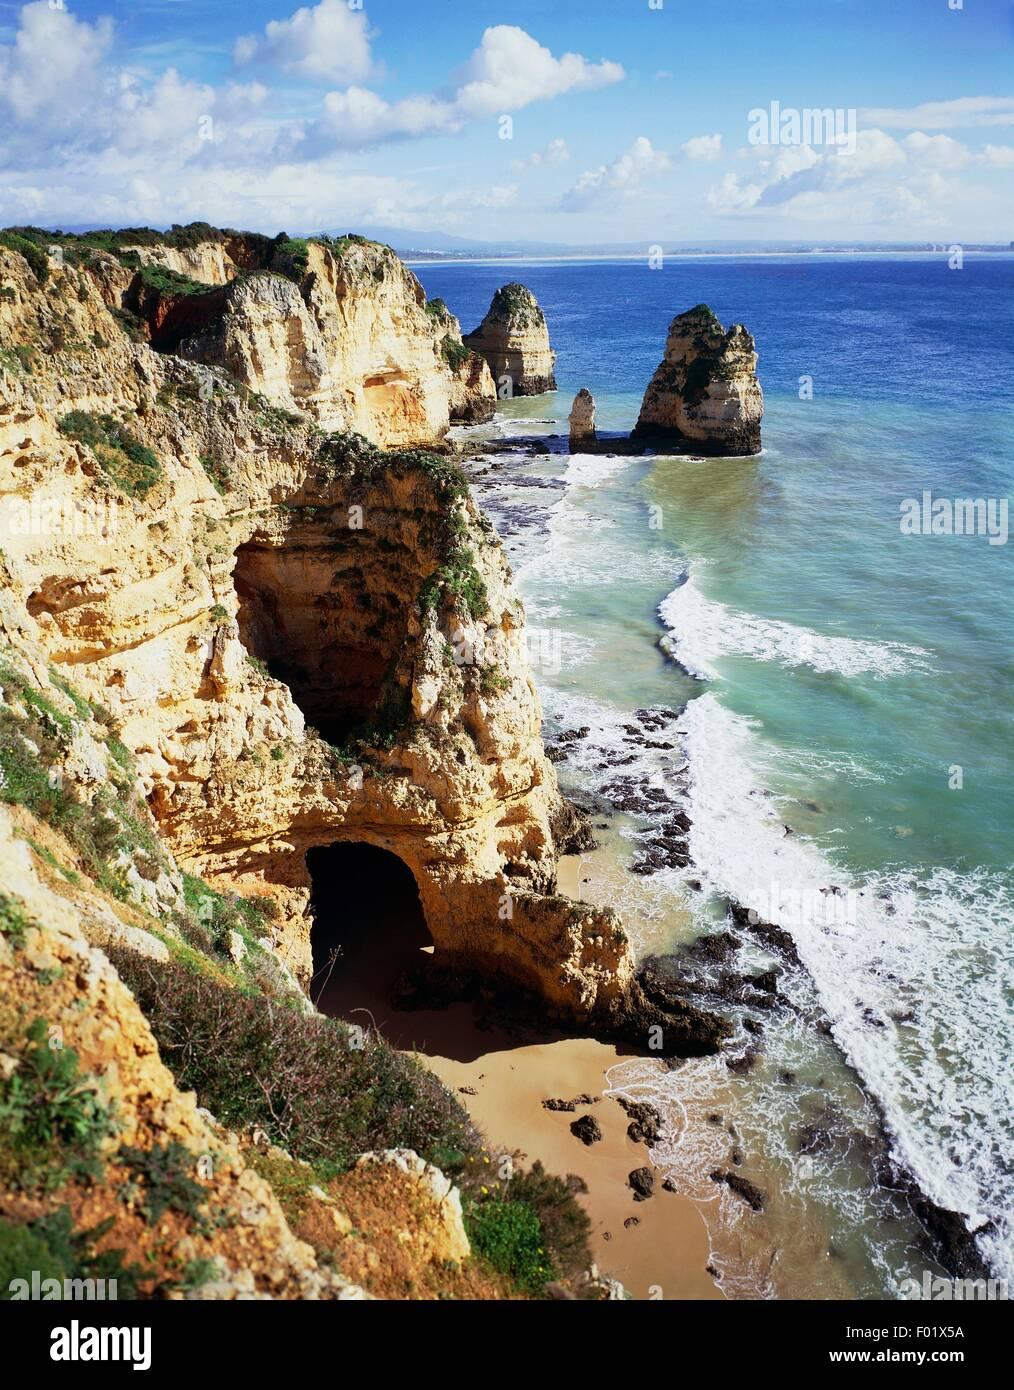 The beach and the cliffs of Ponta da Piedade coast, near Lagos, Algarve, Portugal. - Stock Image